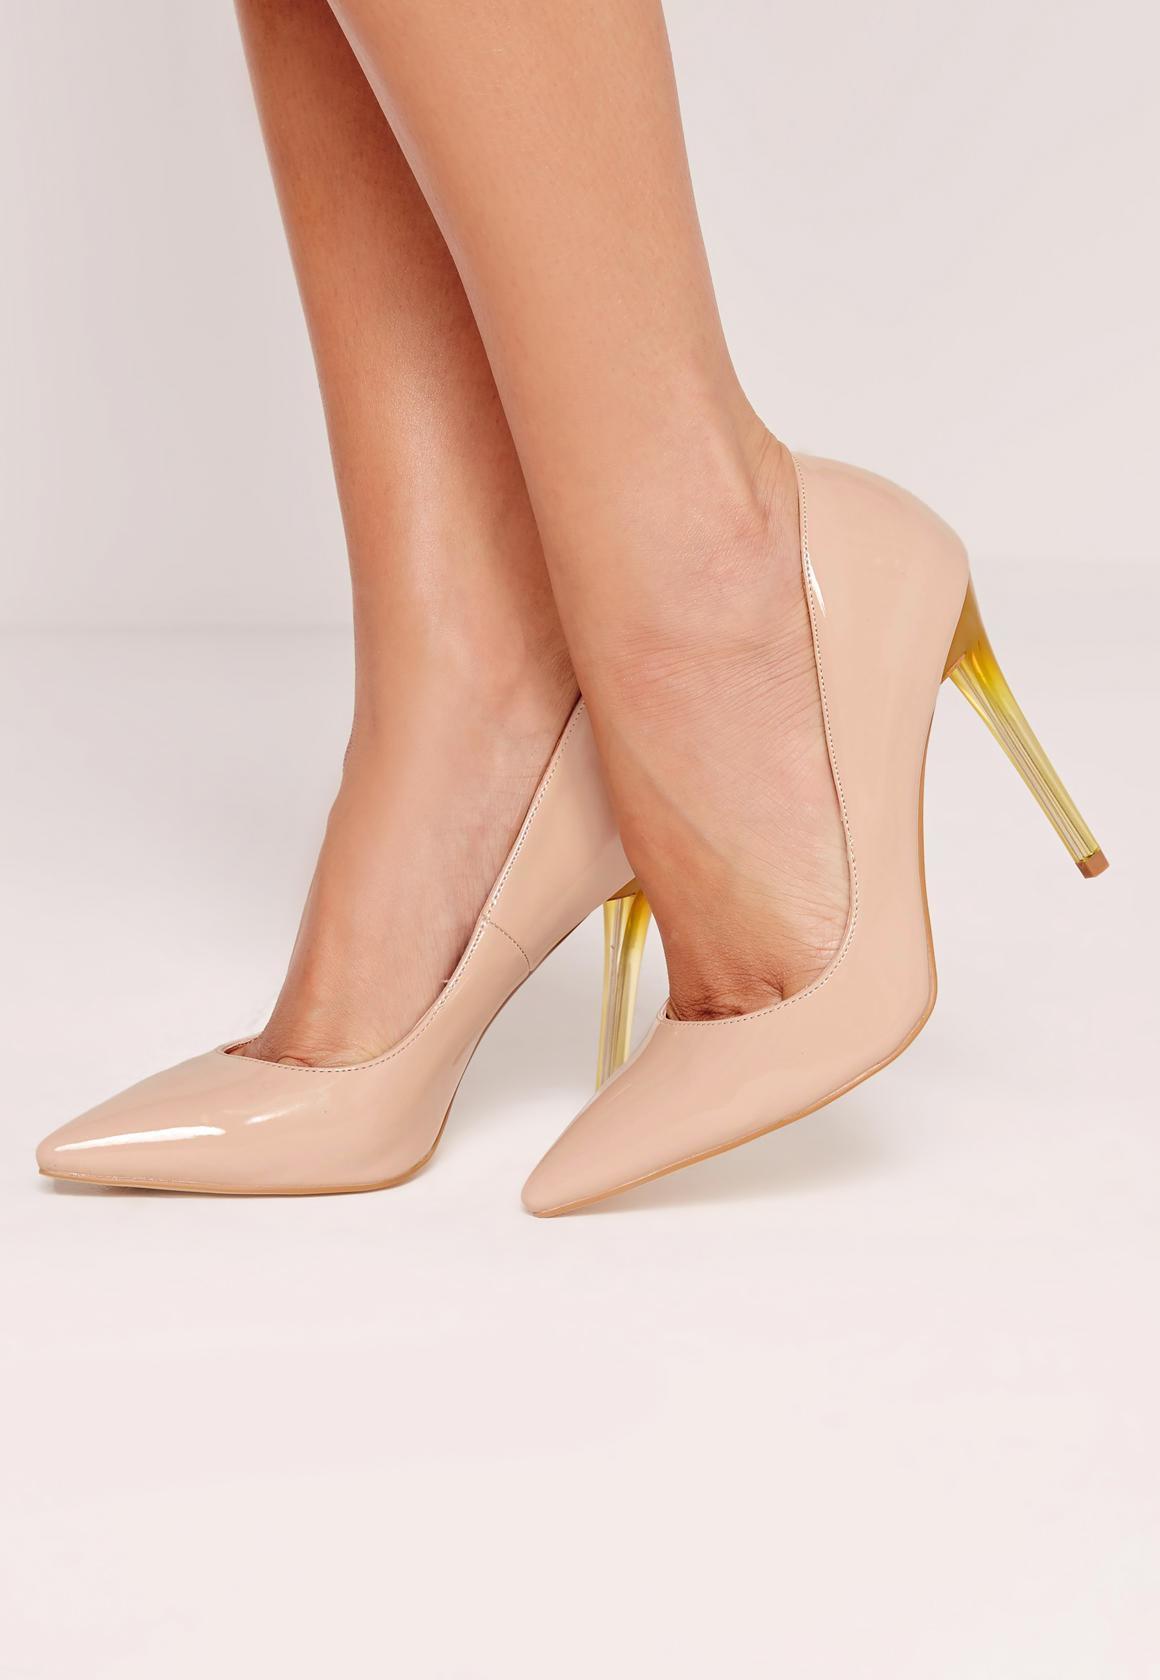 Zapatos de salón de charol con tacón transparente nude.